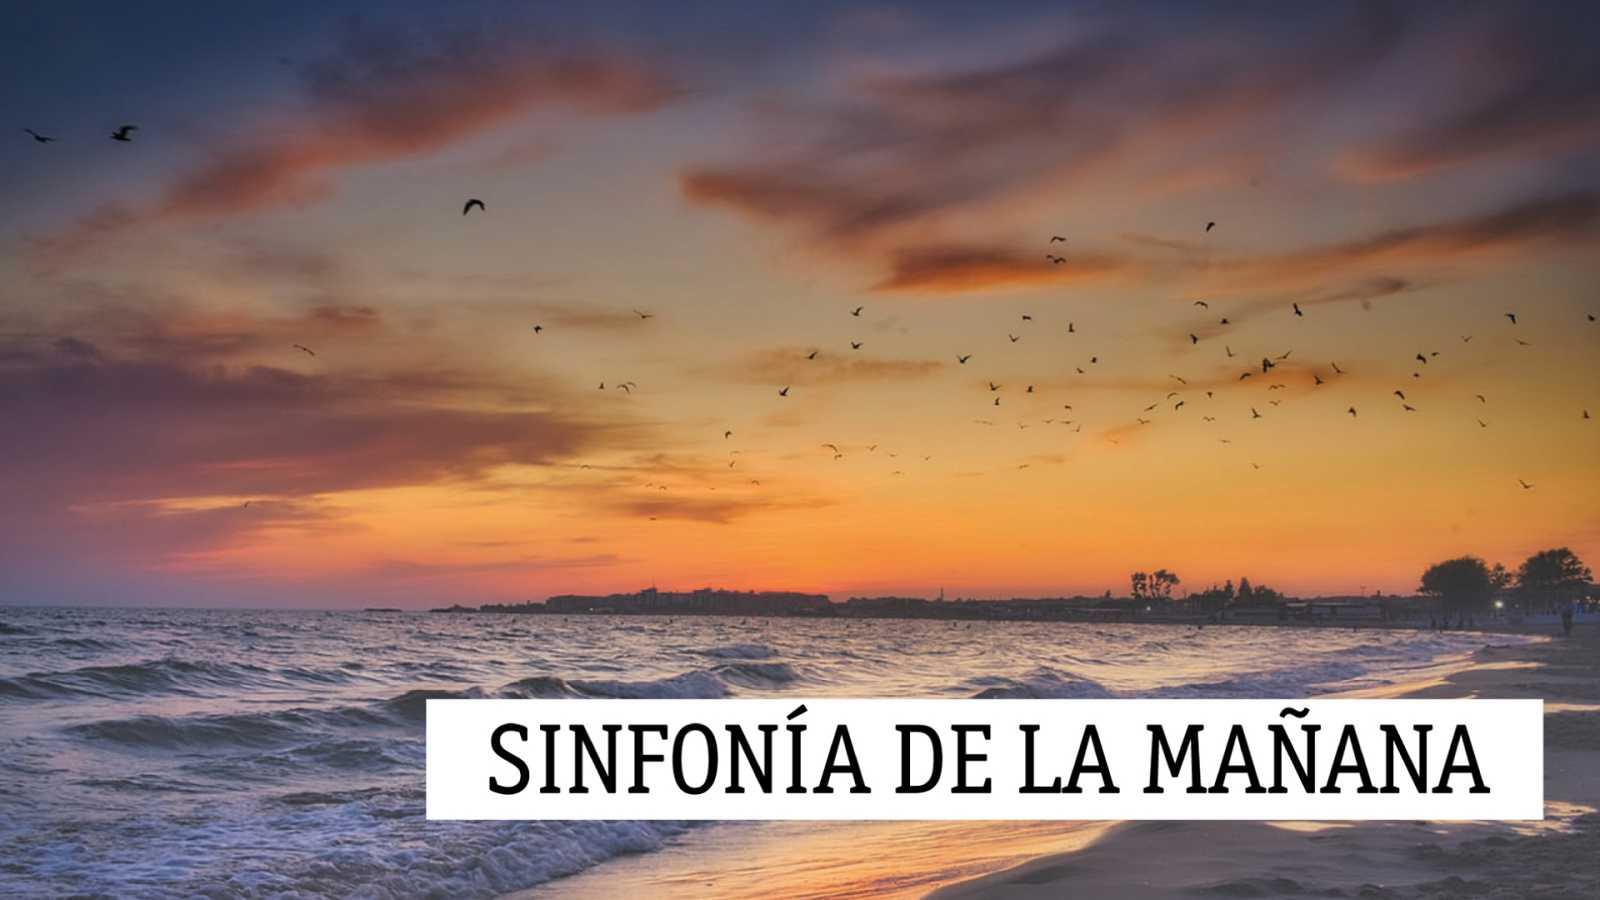 Sinfonía de la mañana - Mahler: Resurrección - 03/03/21 - escuchar ahora